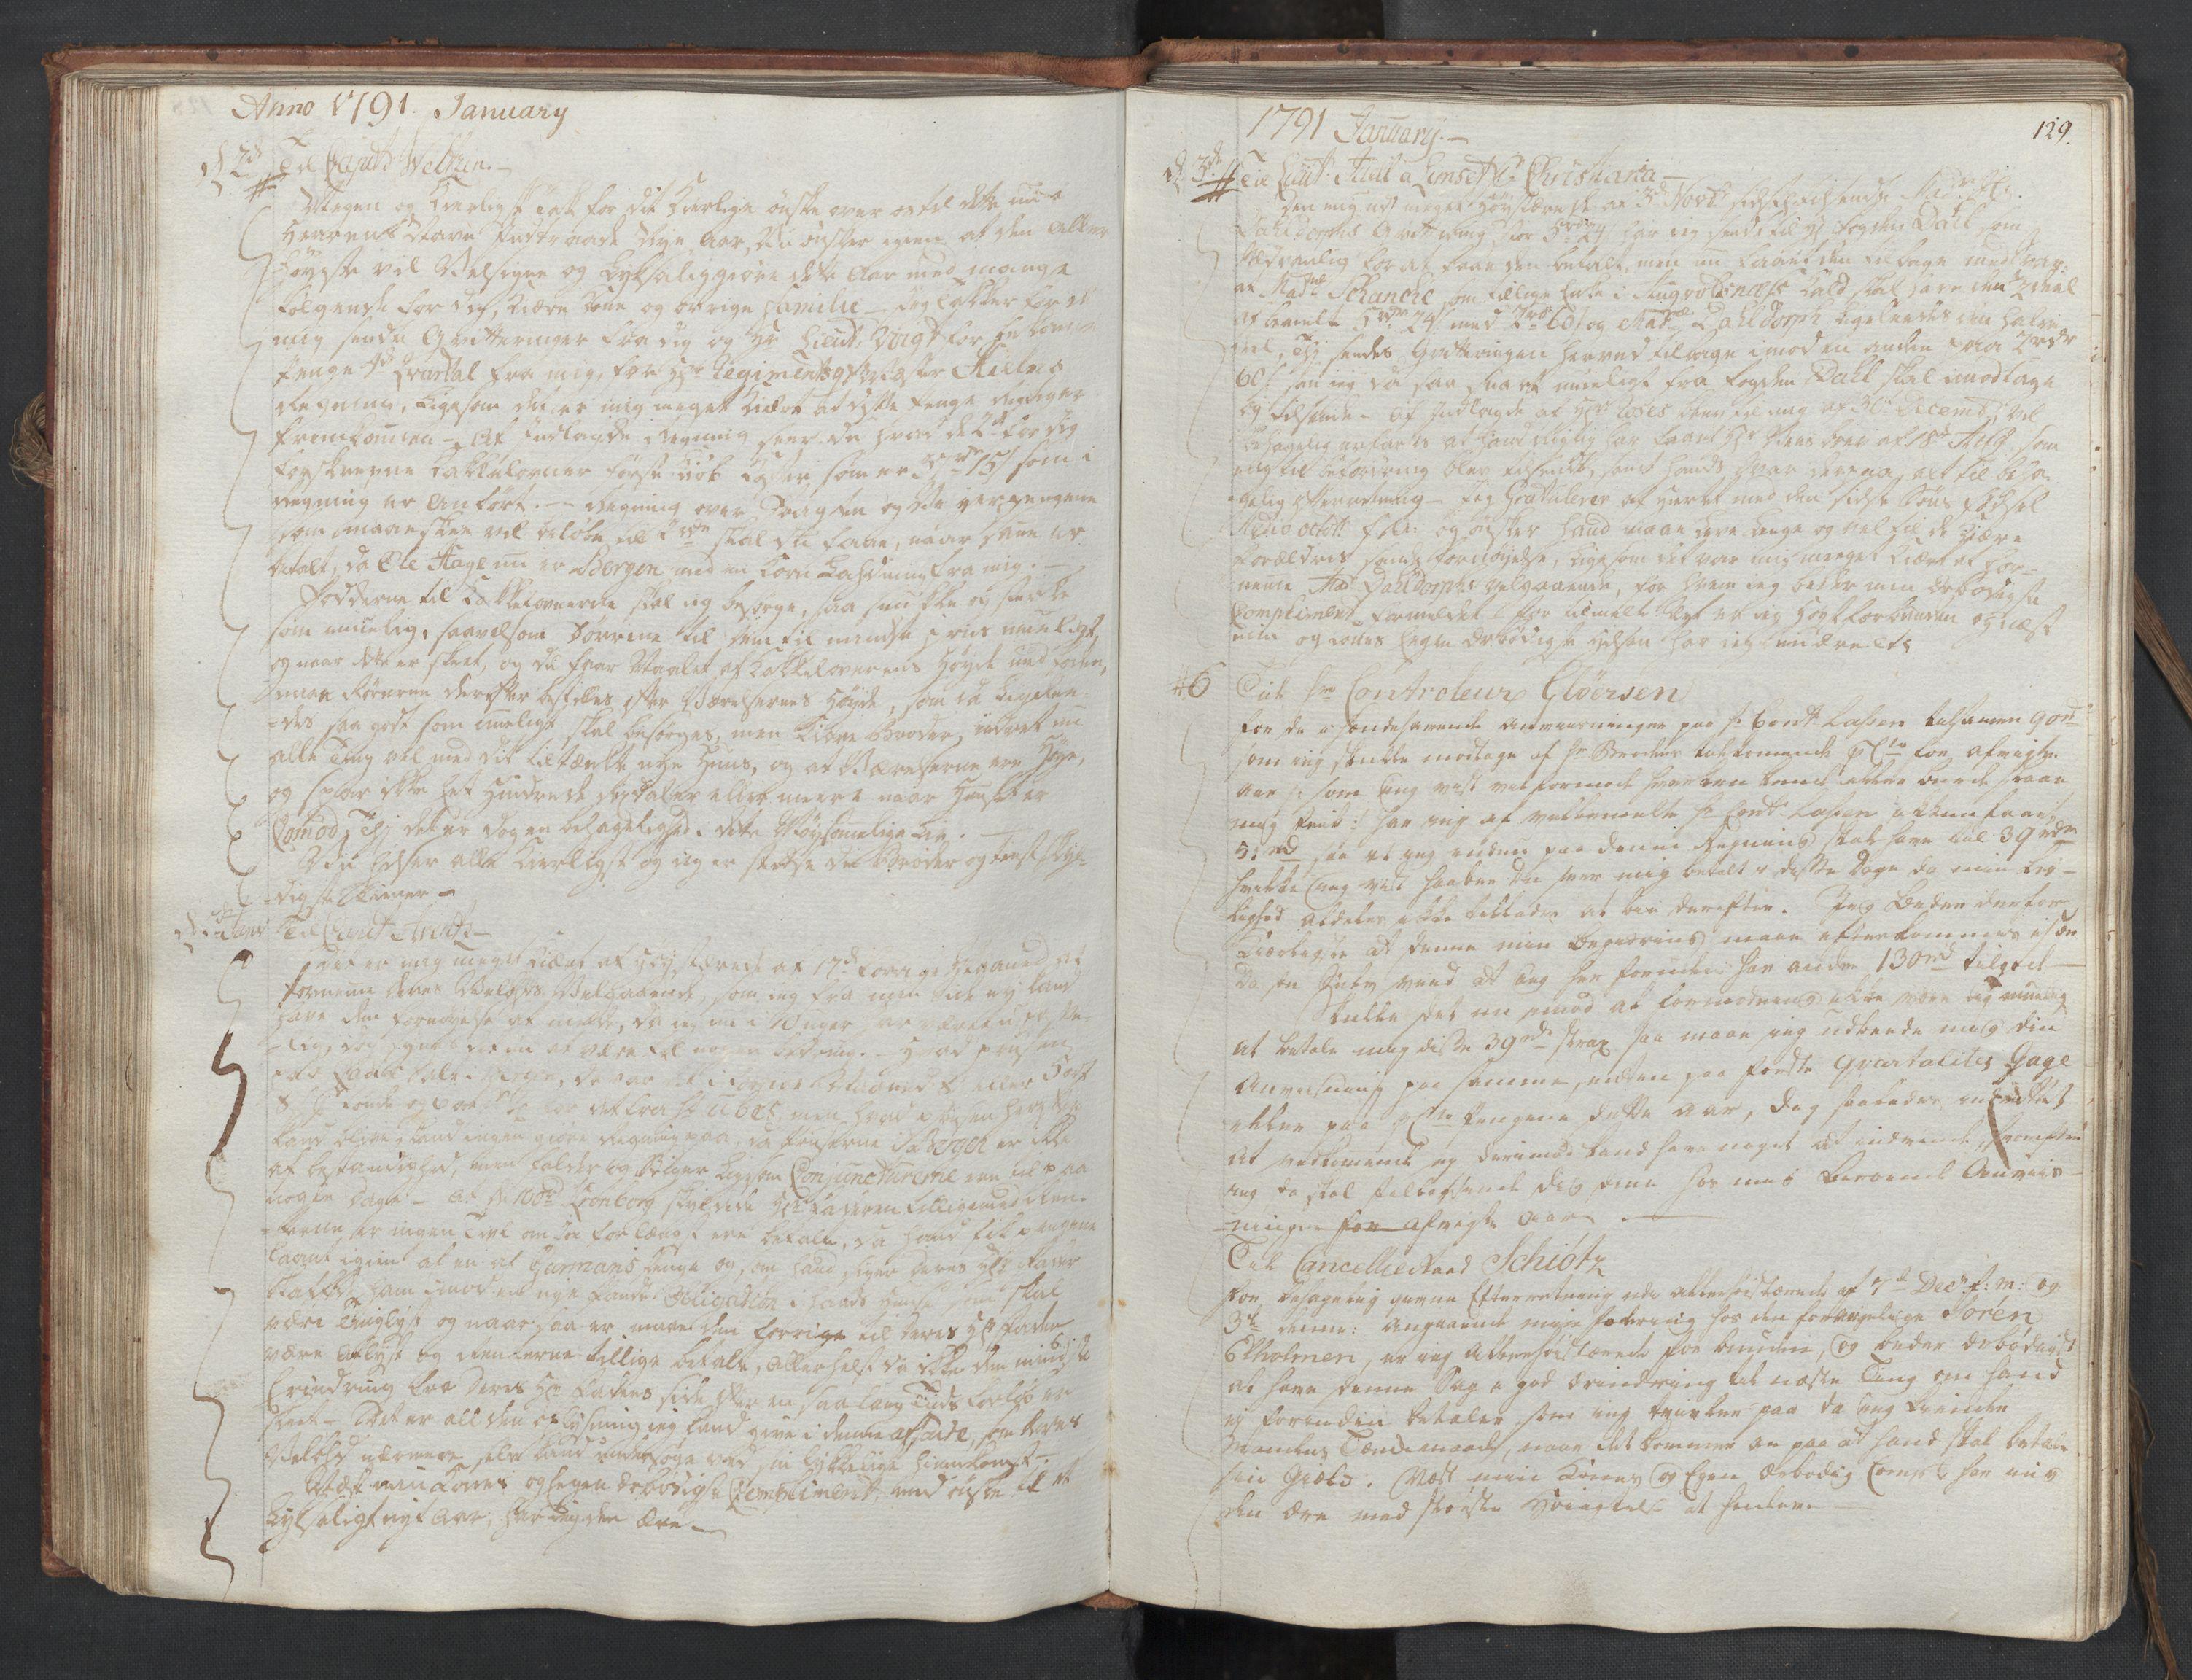 SAST, Pa 0003 - Ploug & Sundt, handelshuset, B/L0006: Kopibok, 1788-1793, s. 128b-129a